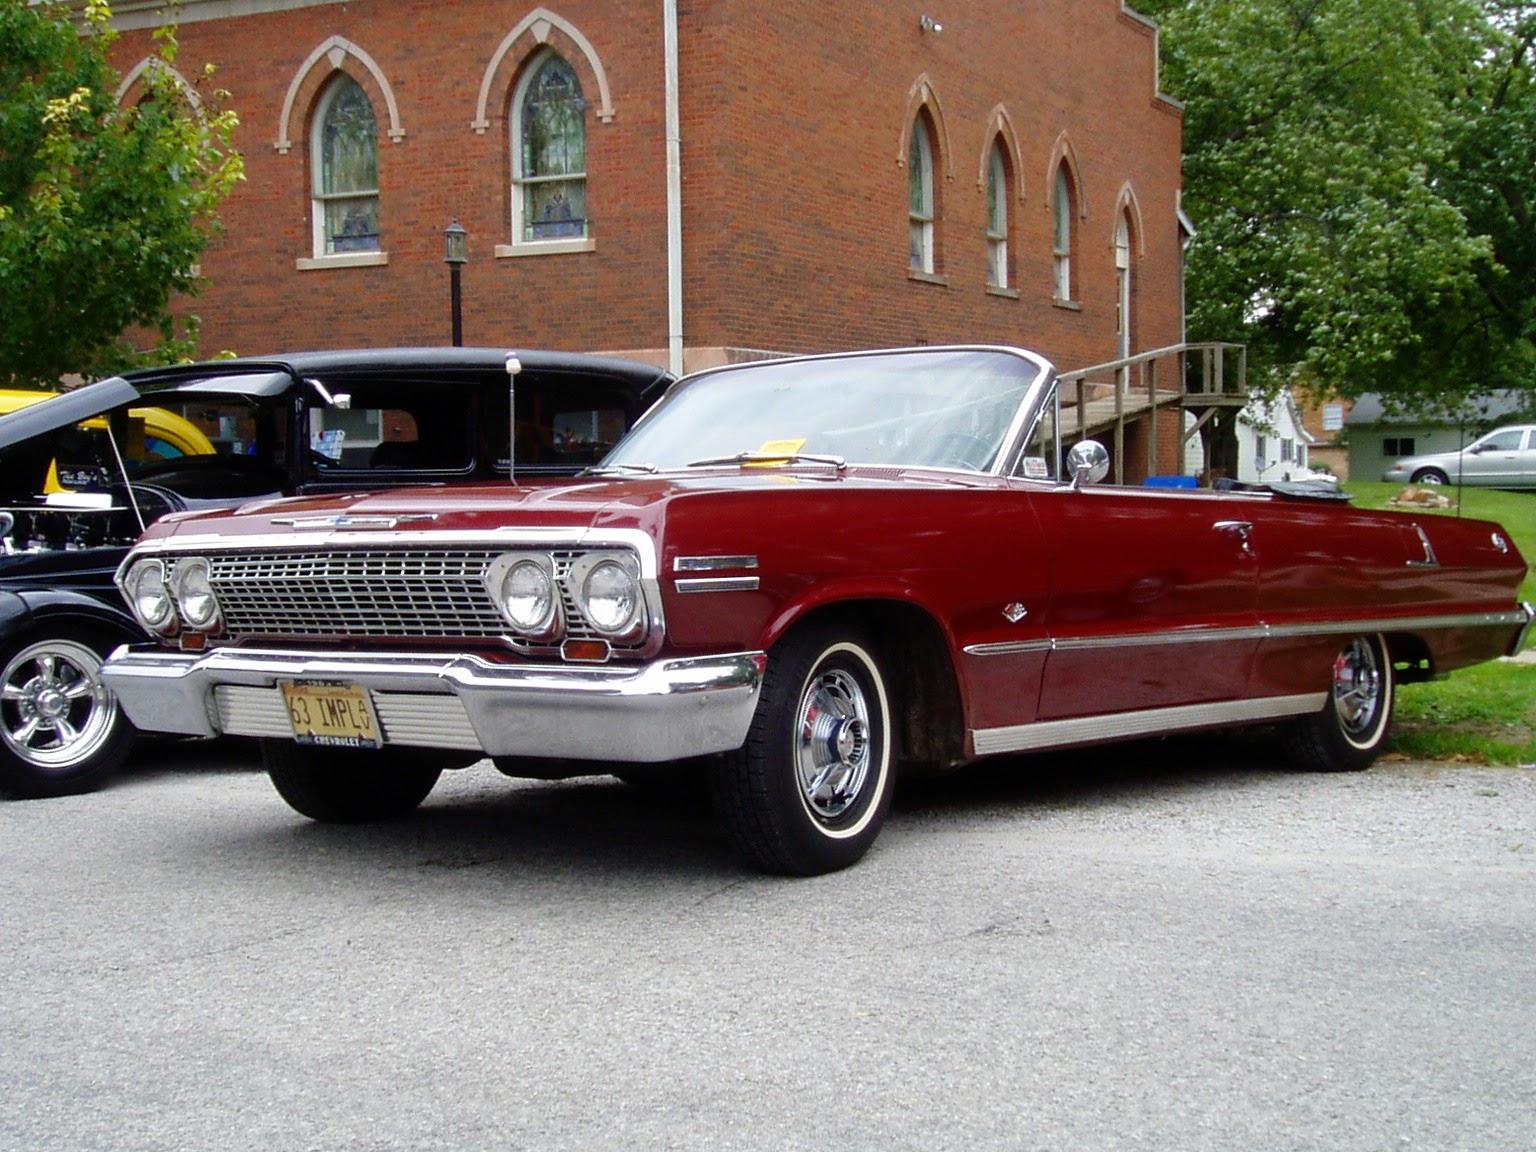 1963 Chevrolet Impala Chevy